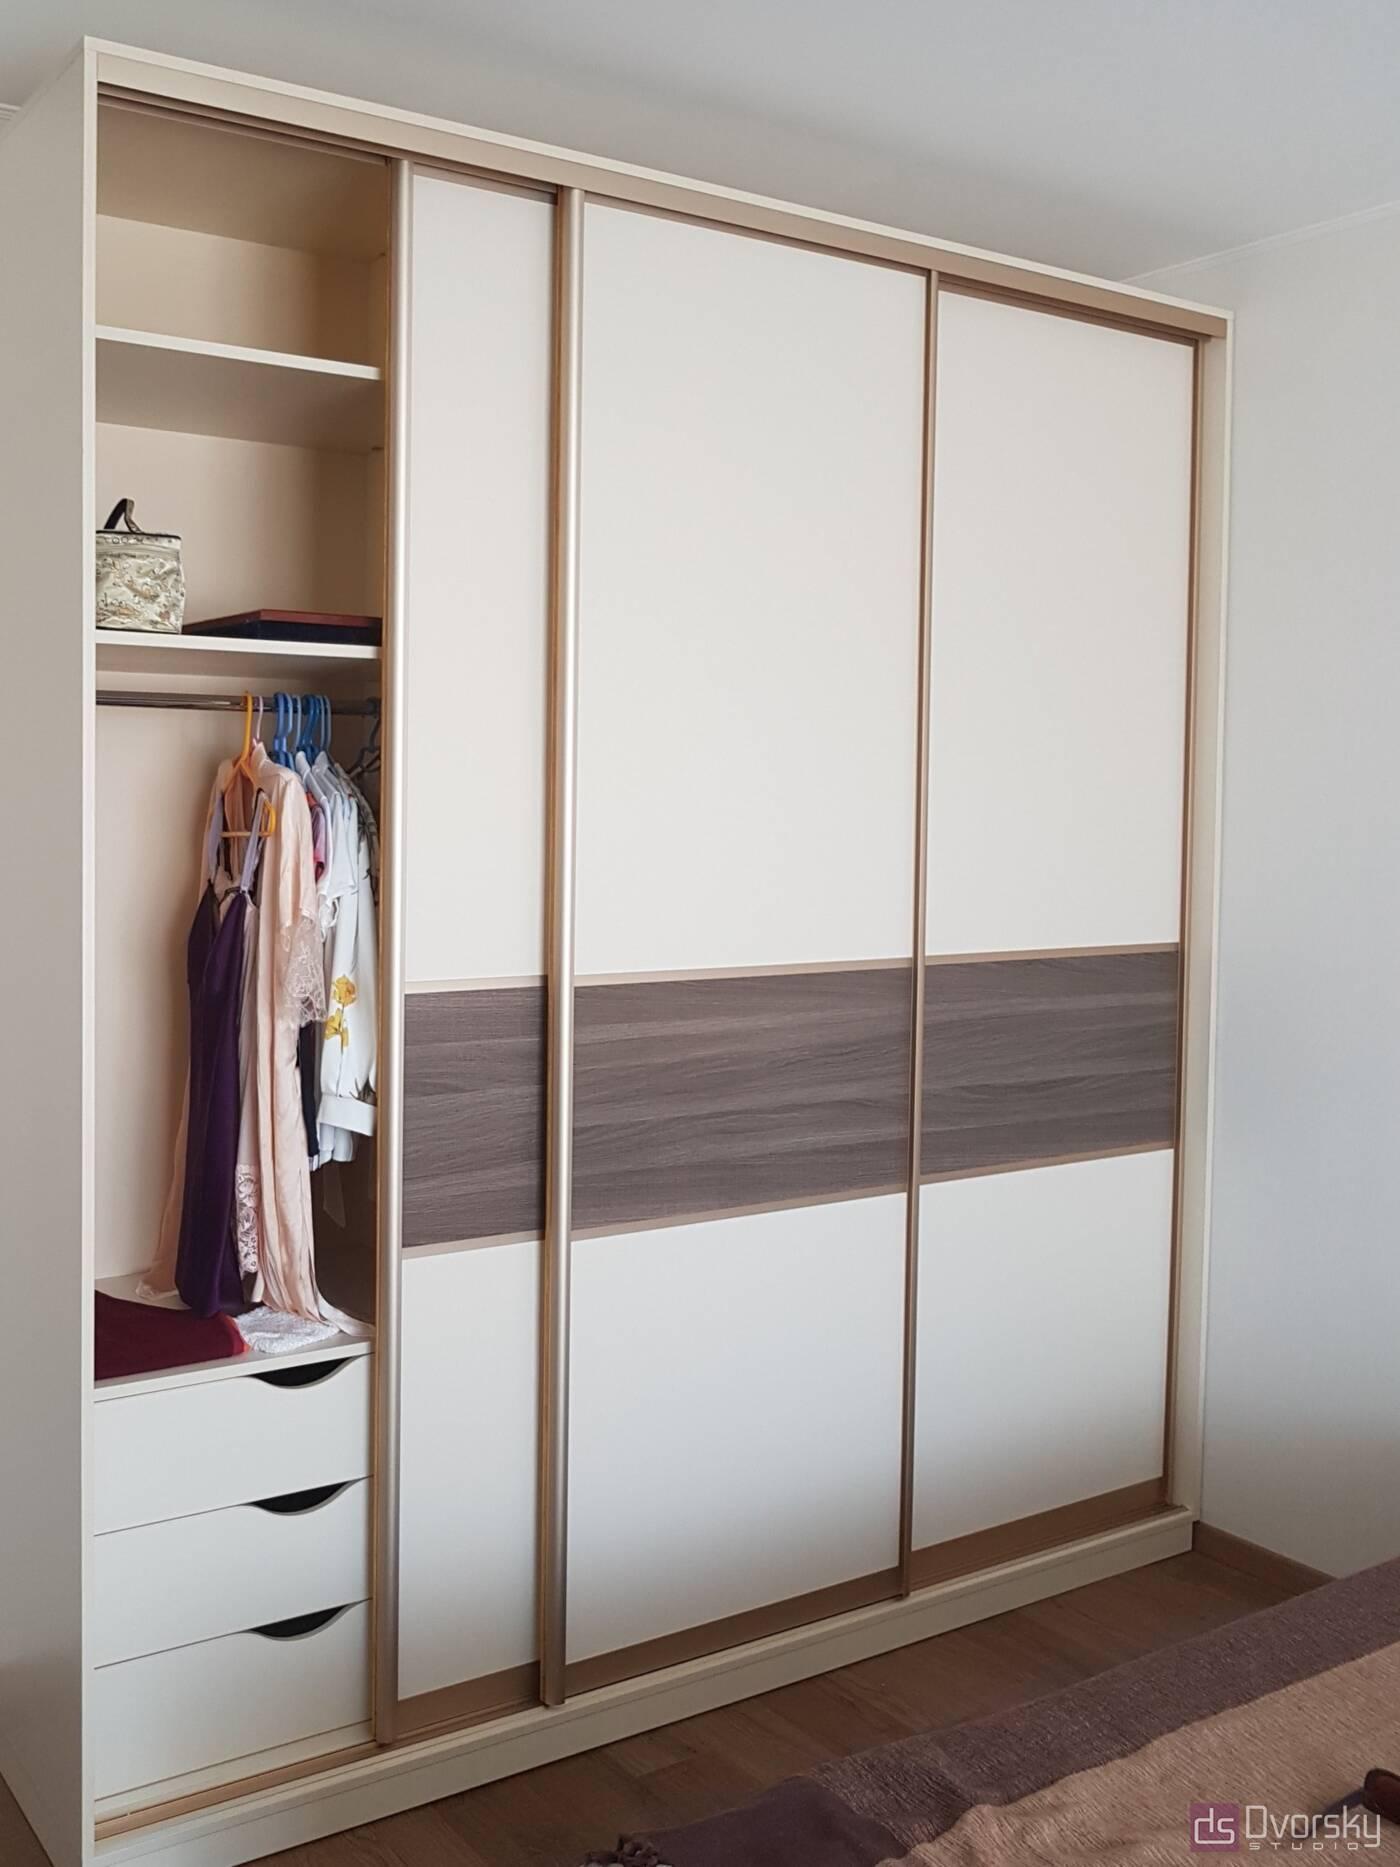 Шкафы купе Шкаф купе на три двери - Фото № 2